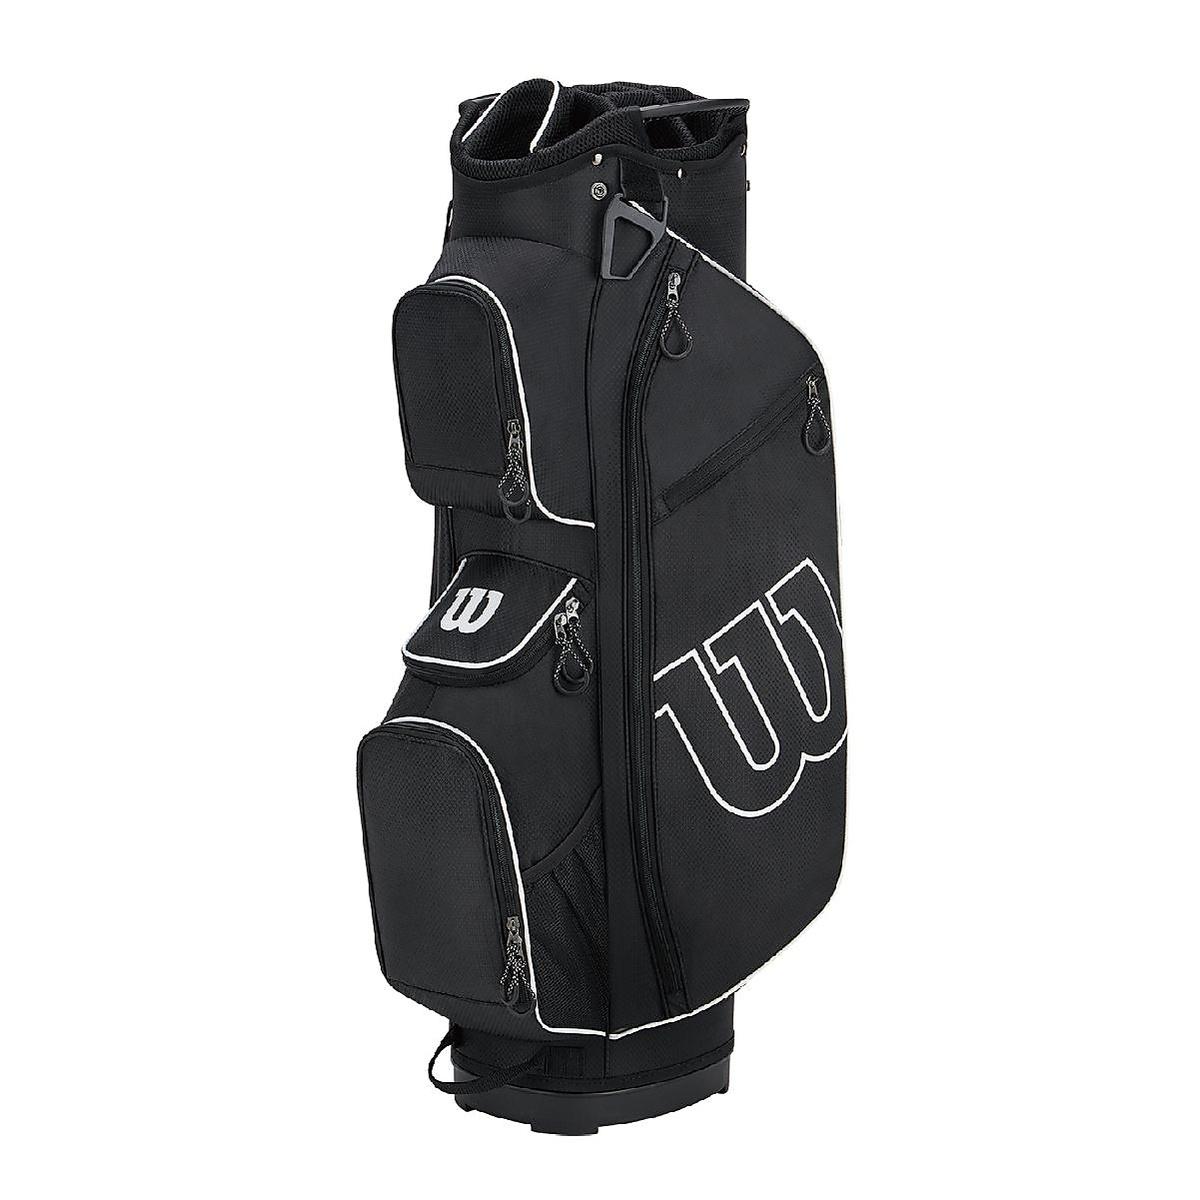 ウィルソン お求めやすく価格改定 ゴルフ メンズキャディーバッグ WGB5307 W S PROSTAFF CART WILSON BK WGB5307 ブラック ホワイト S メンズ W CART PROSTAFF 定番キャンバス